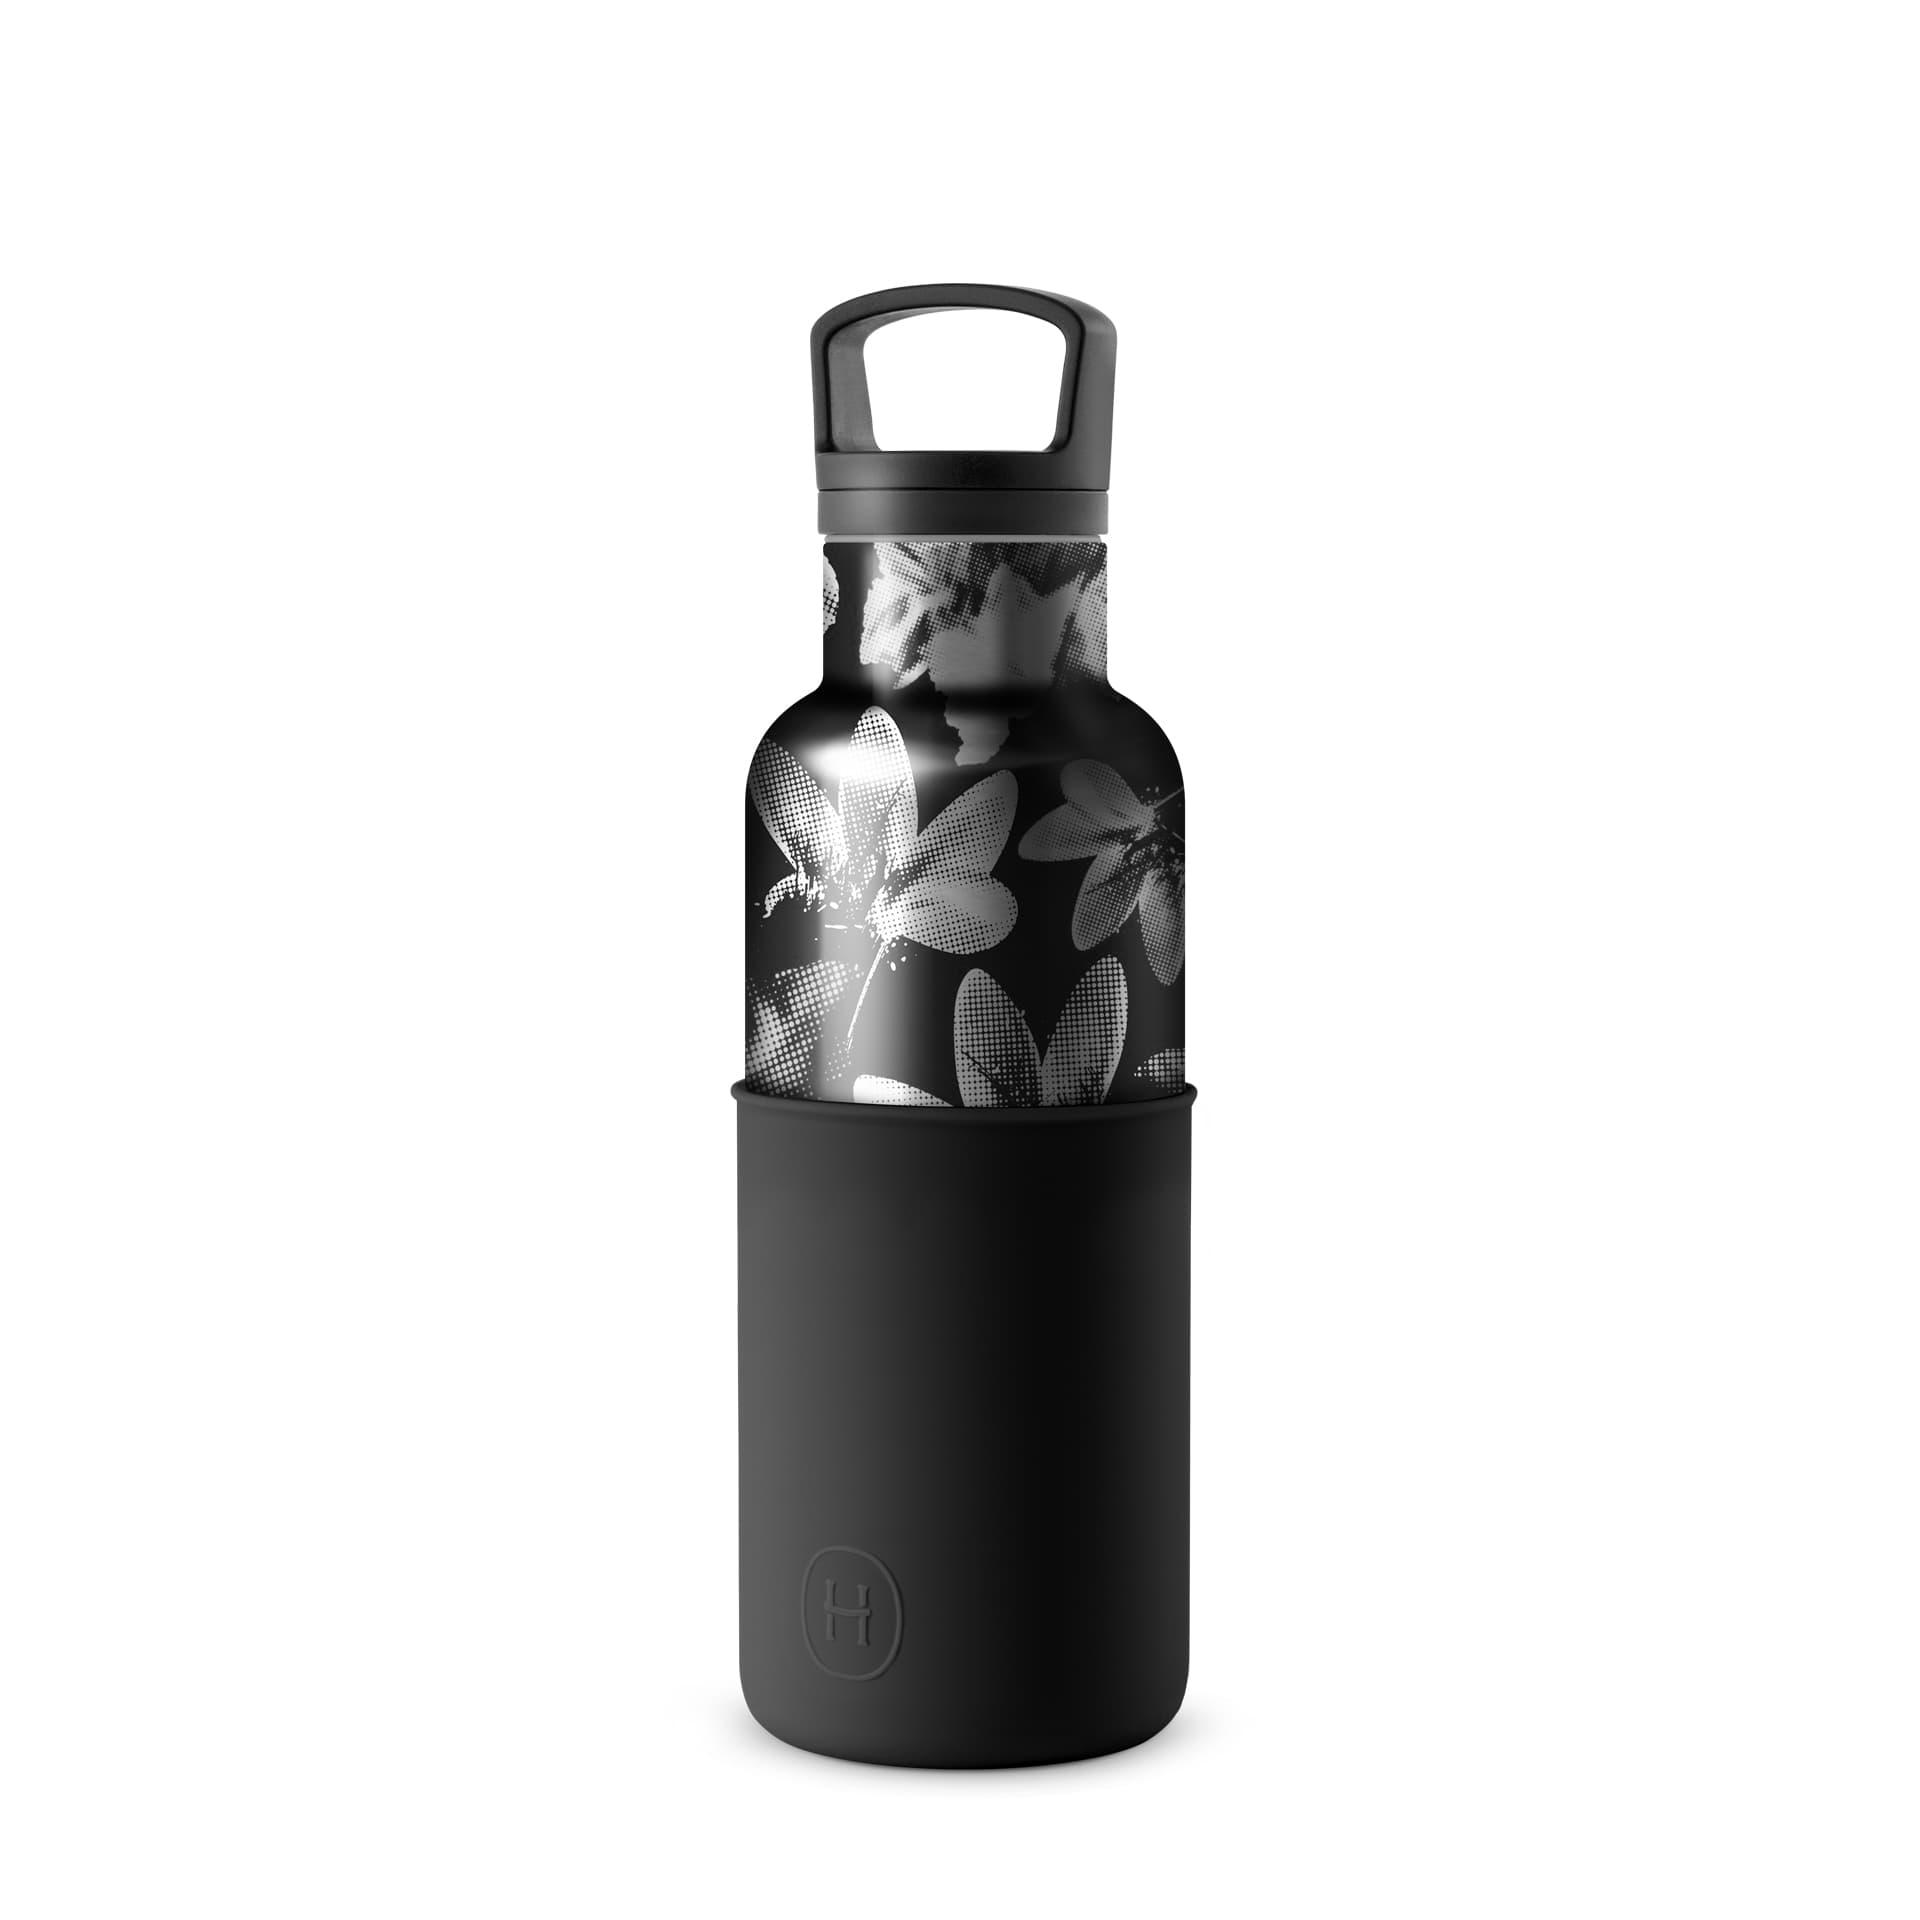 美國 HYDY 時尚不銹鋼保溫水瓶 480ml 黑花瓶 (油墨黑)